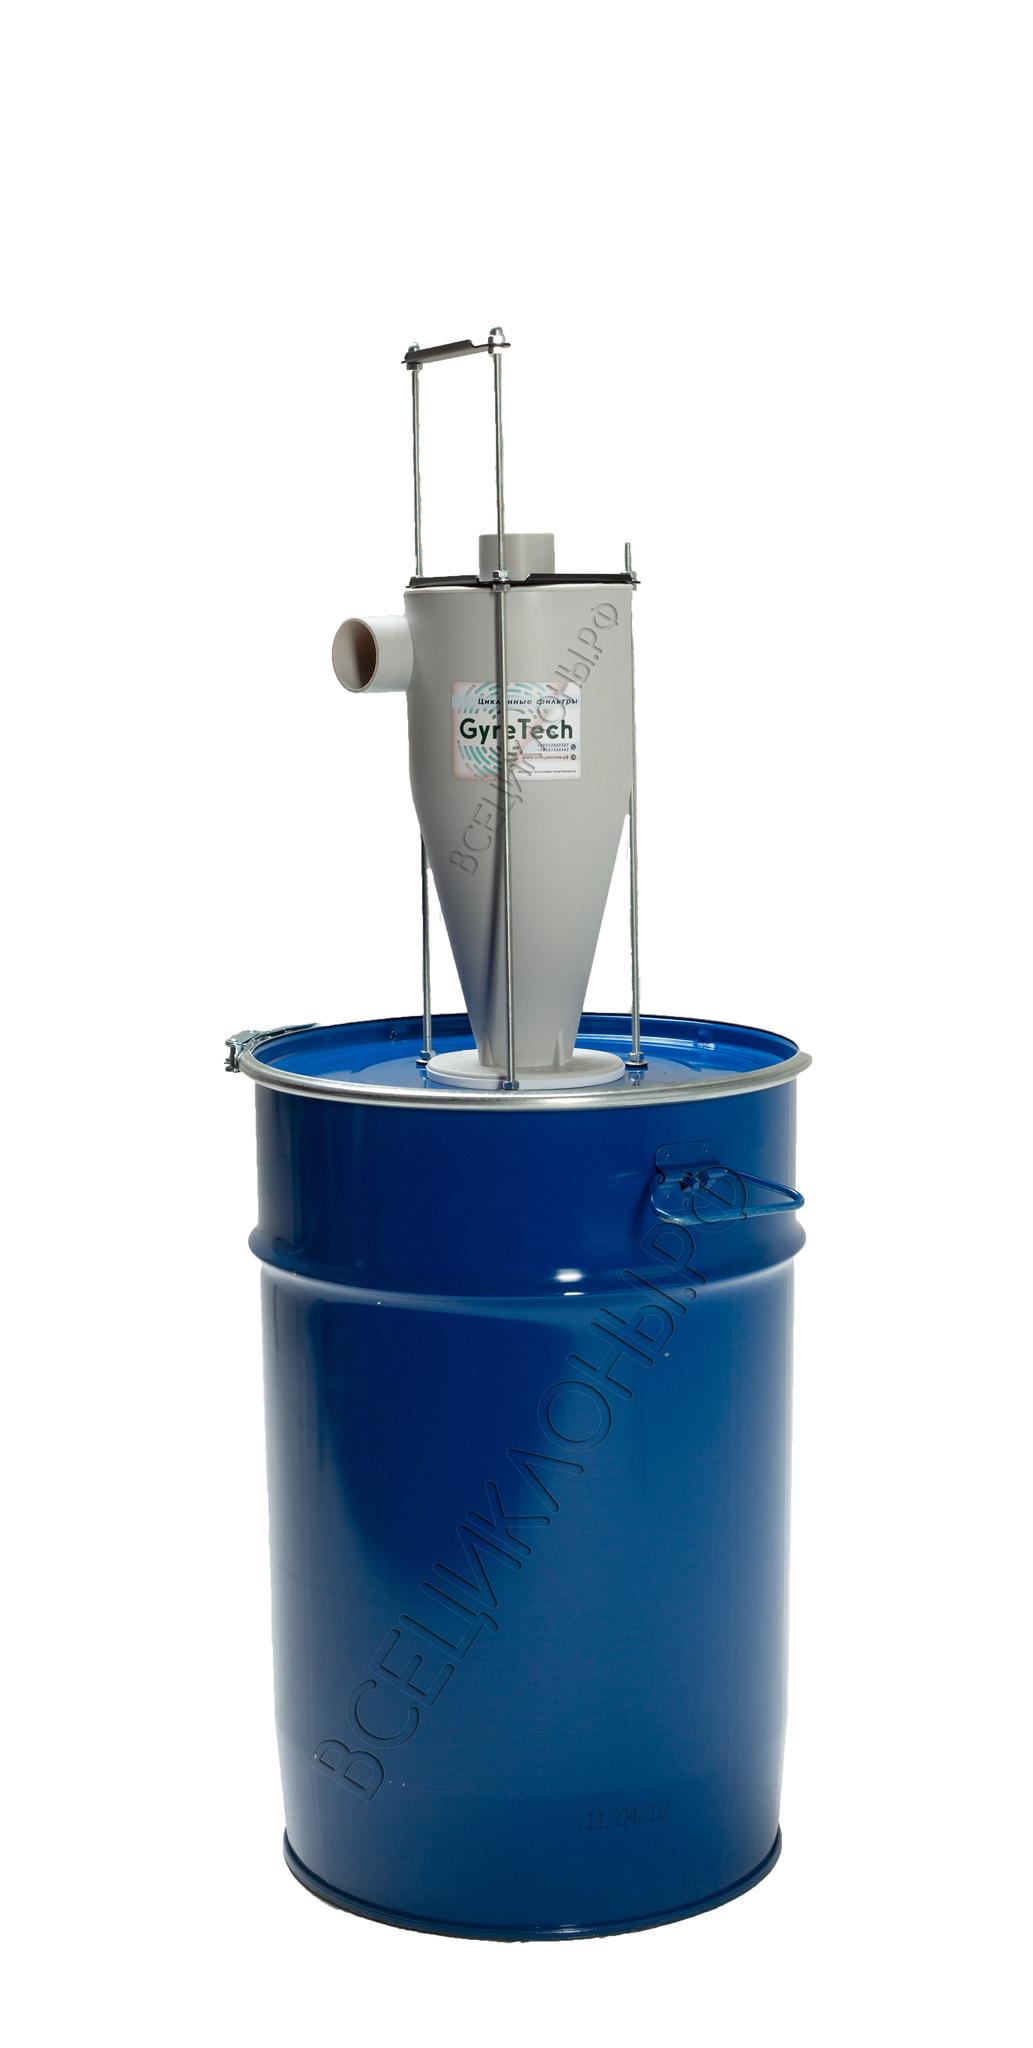 Комплект 50 л с фильтром М-3 (скелетный крепёж, шланг и циклонный фильтр продаются отдельно)